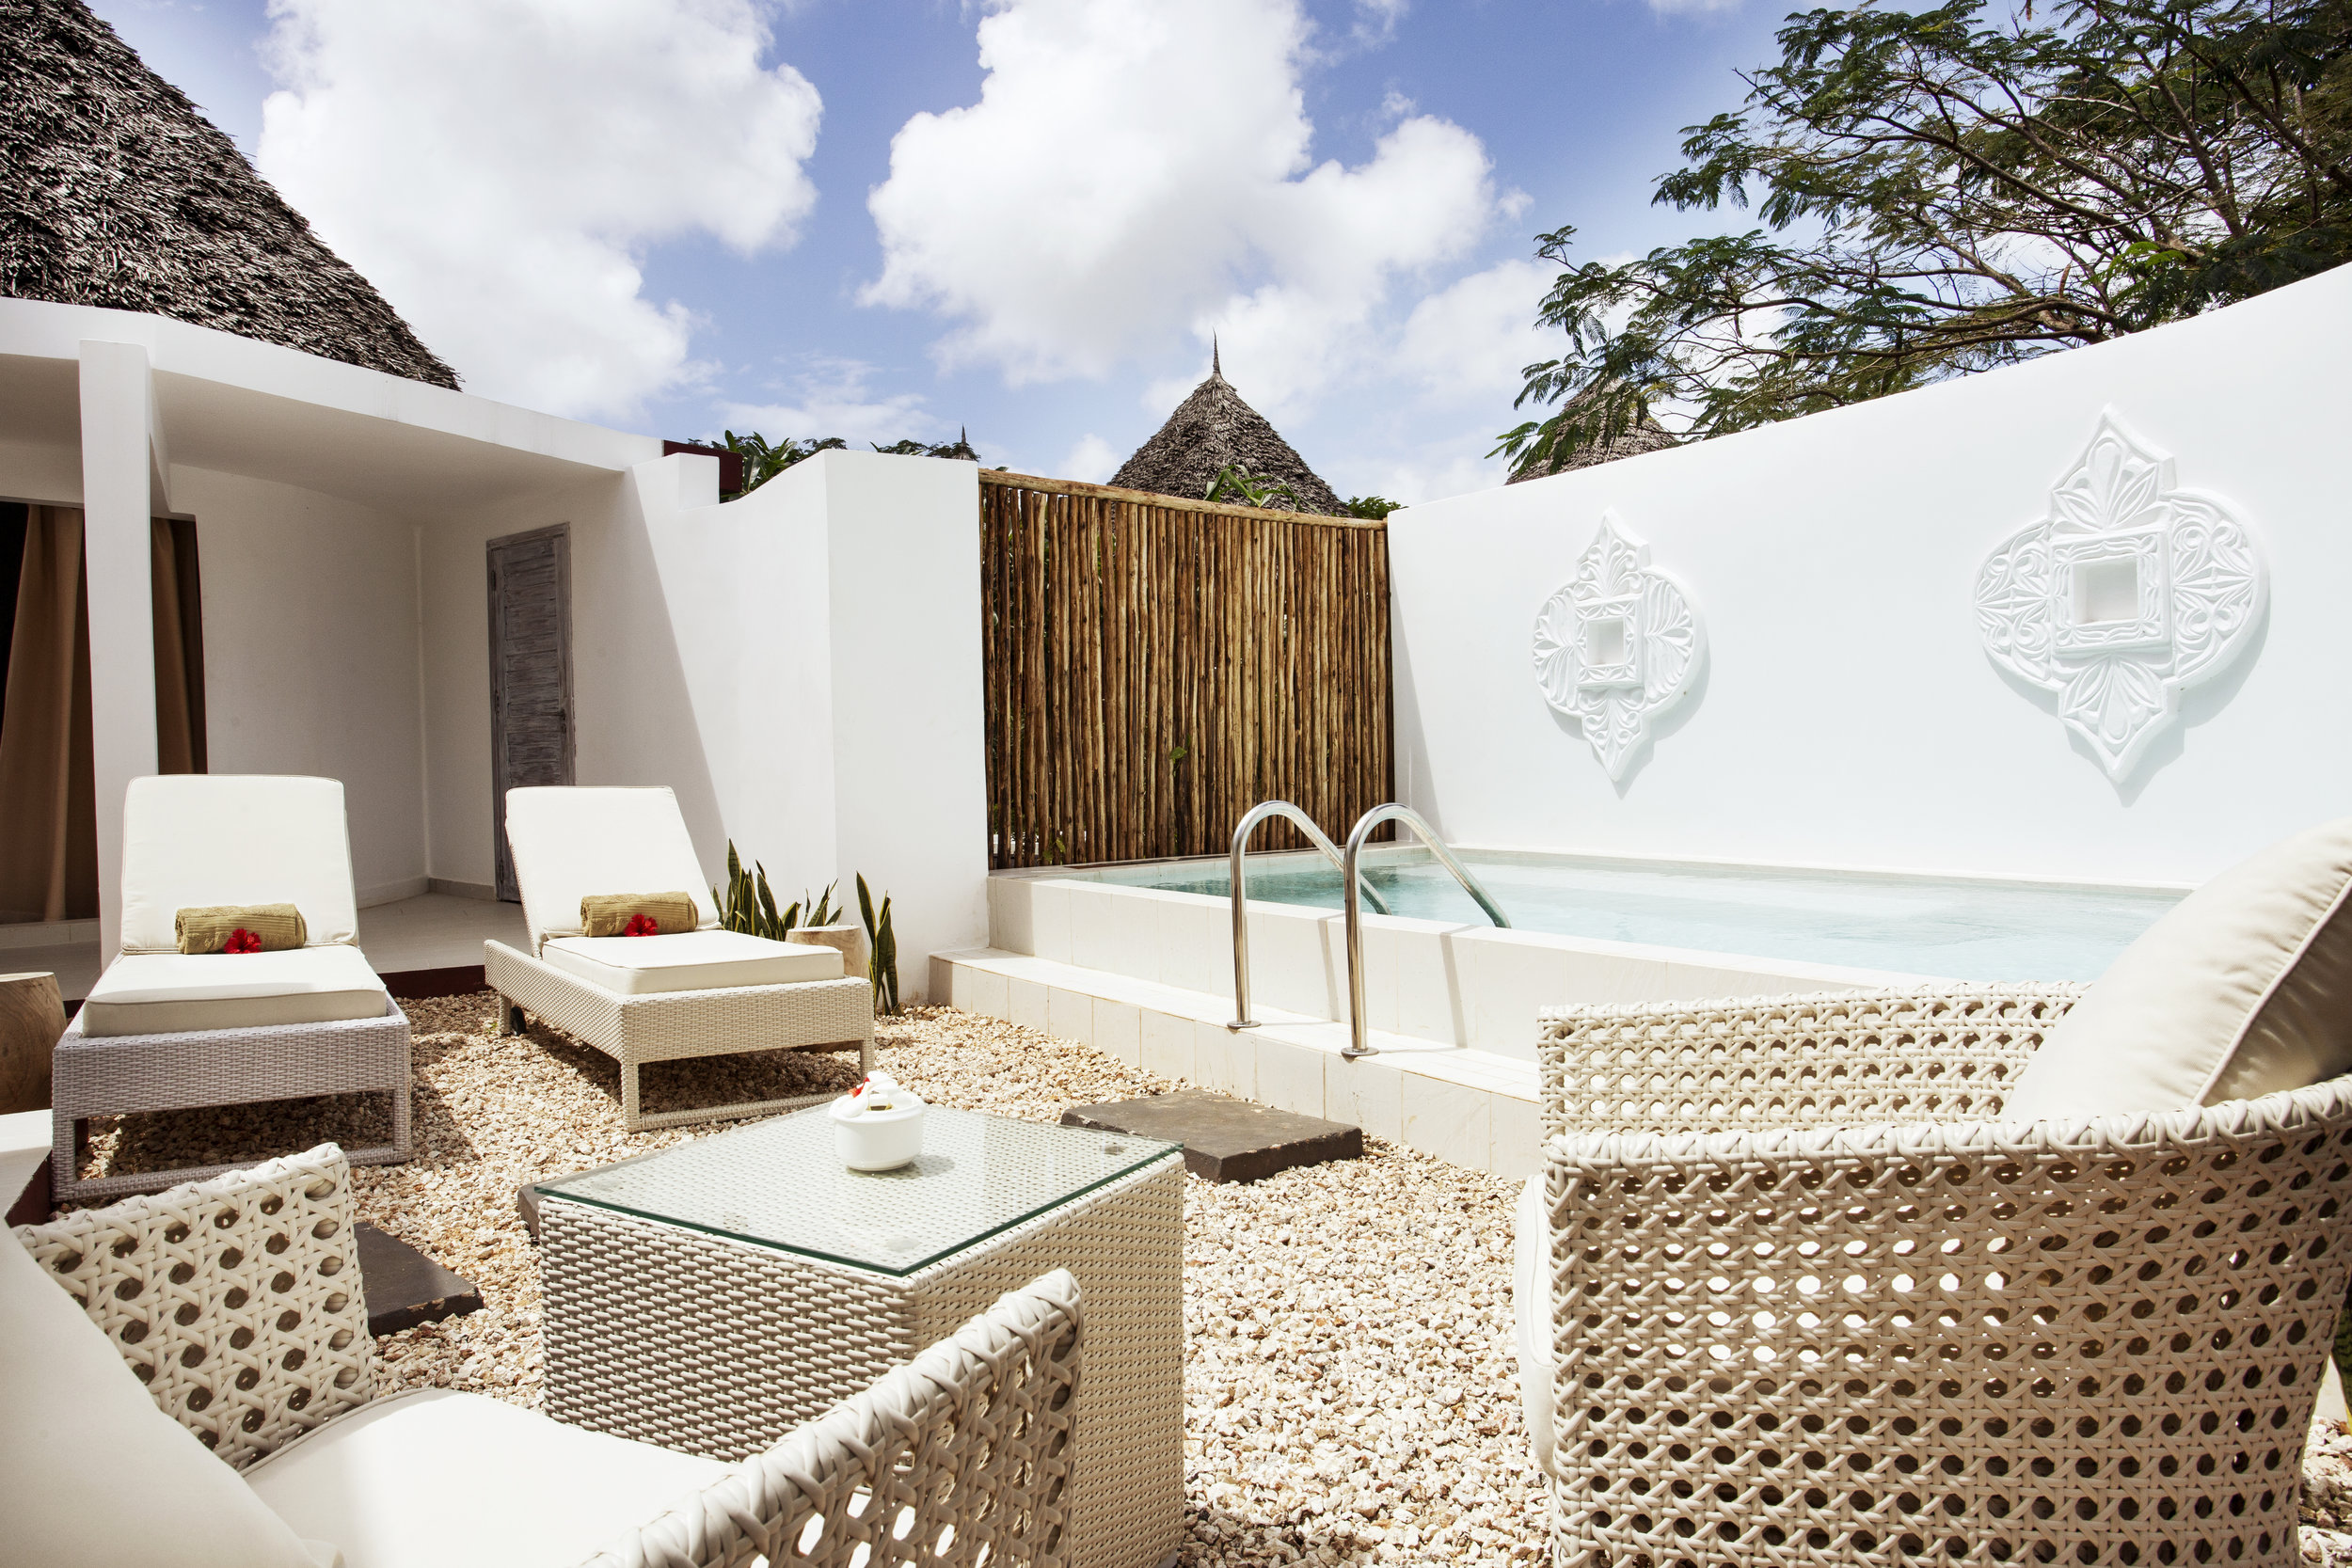 Jungel-villa-pool805.jpg